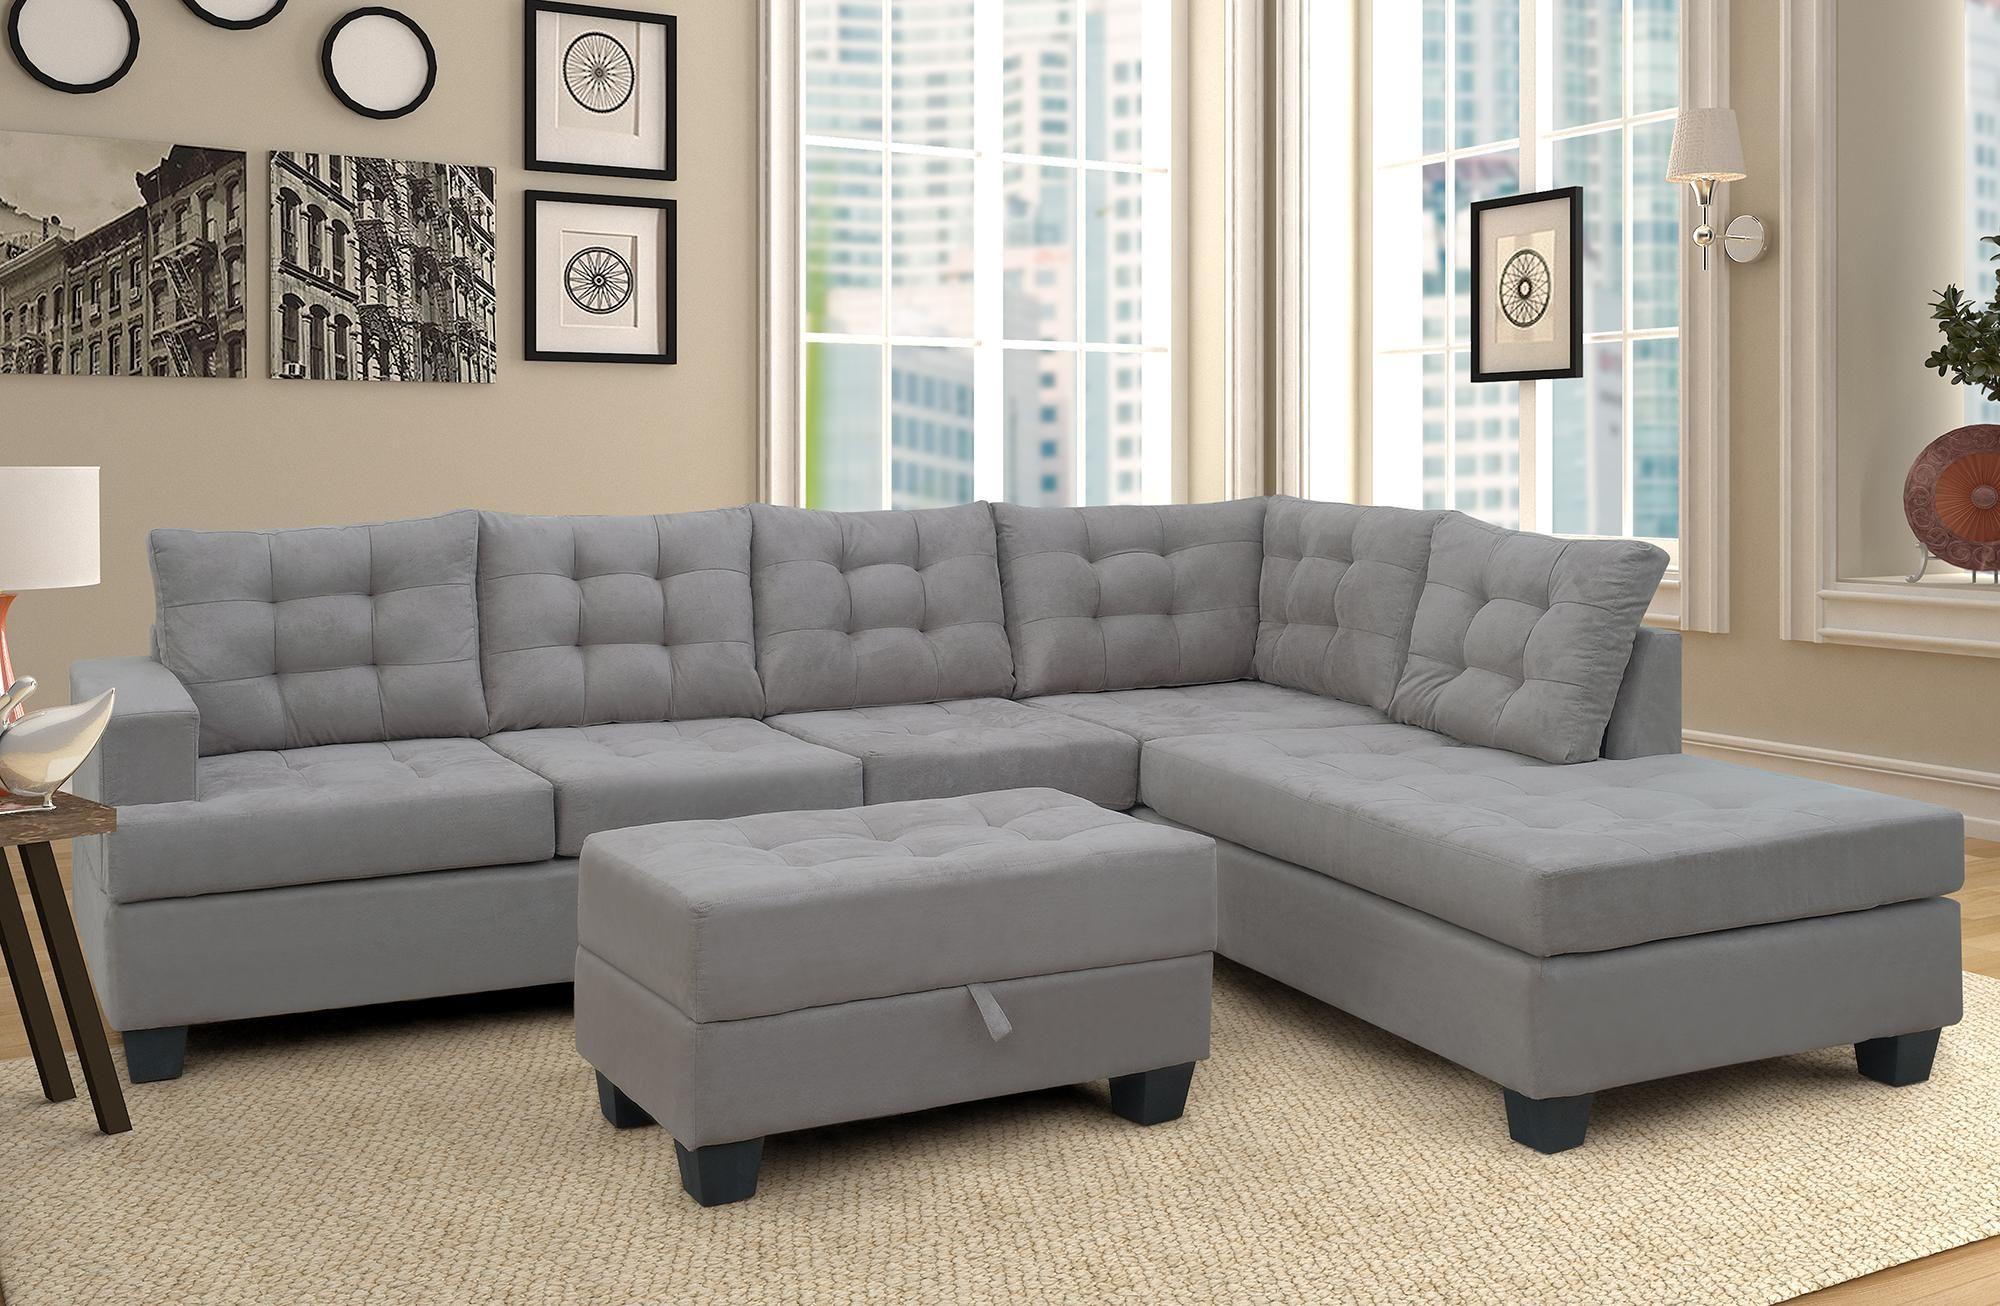 Azionario statunitense, 3-Piece Divano con Chaise Lounge e stoccaggio ottomano L Forma del sofà mobilia del salone SM000049EAA (Grigio)